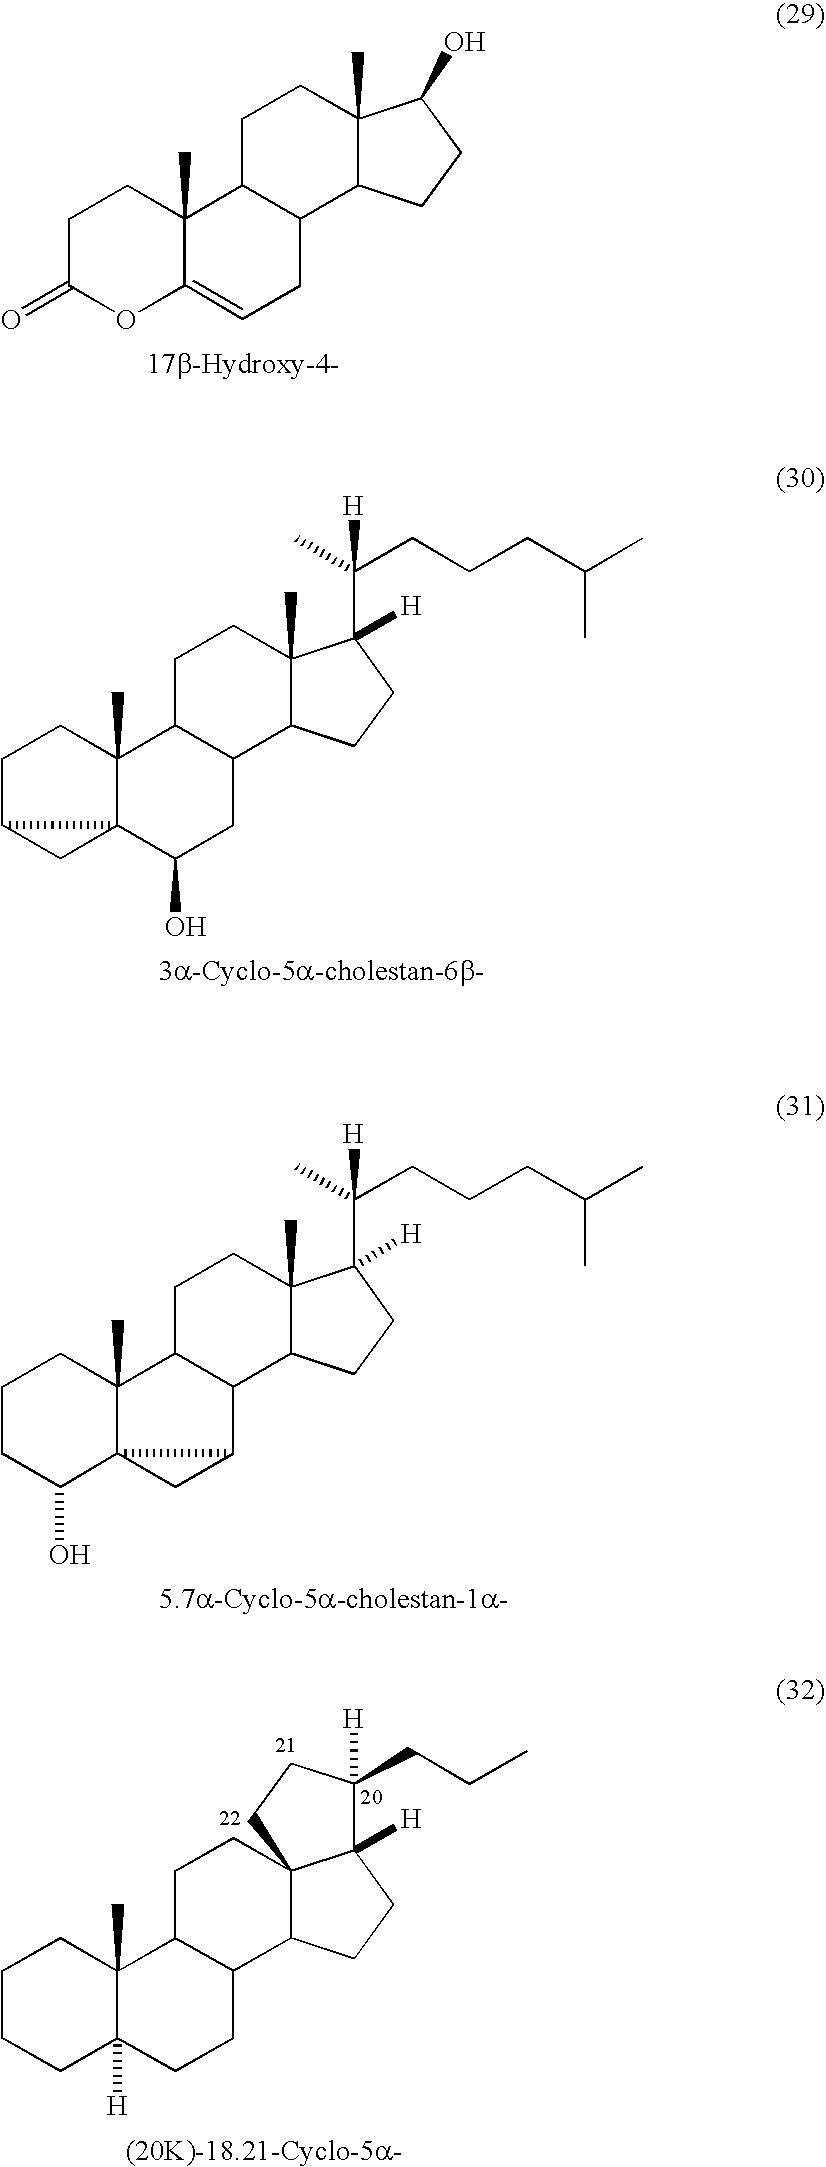 bridge between steroids cycles